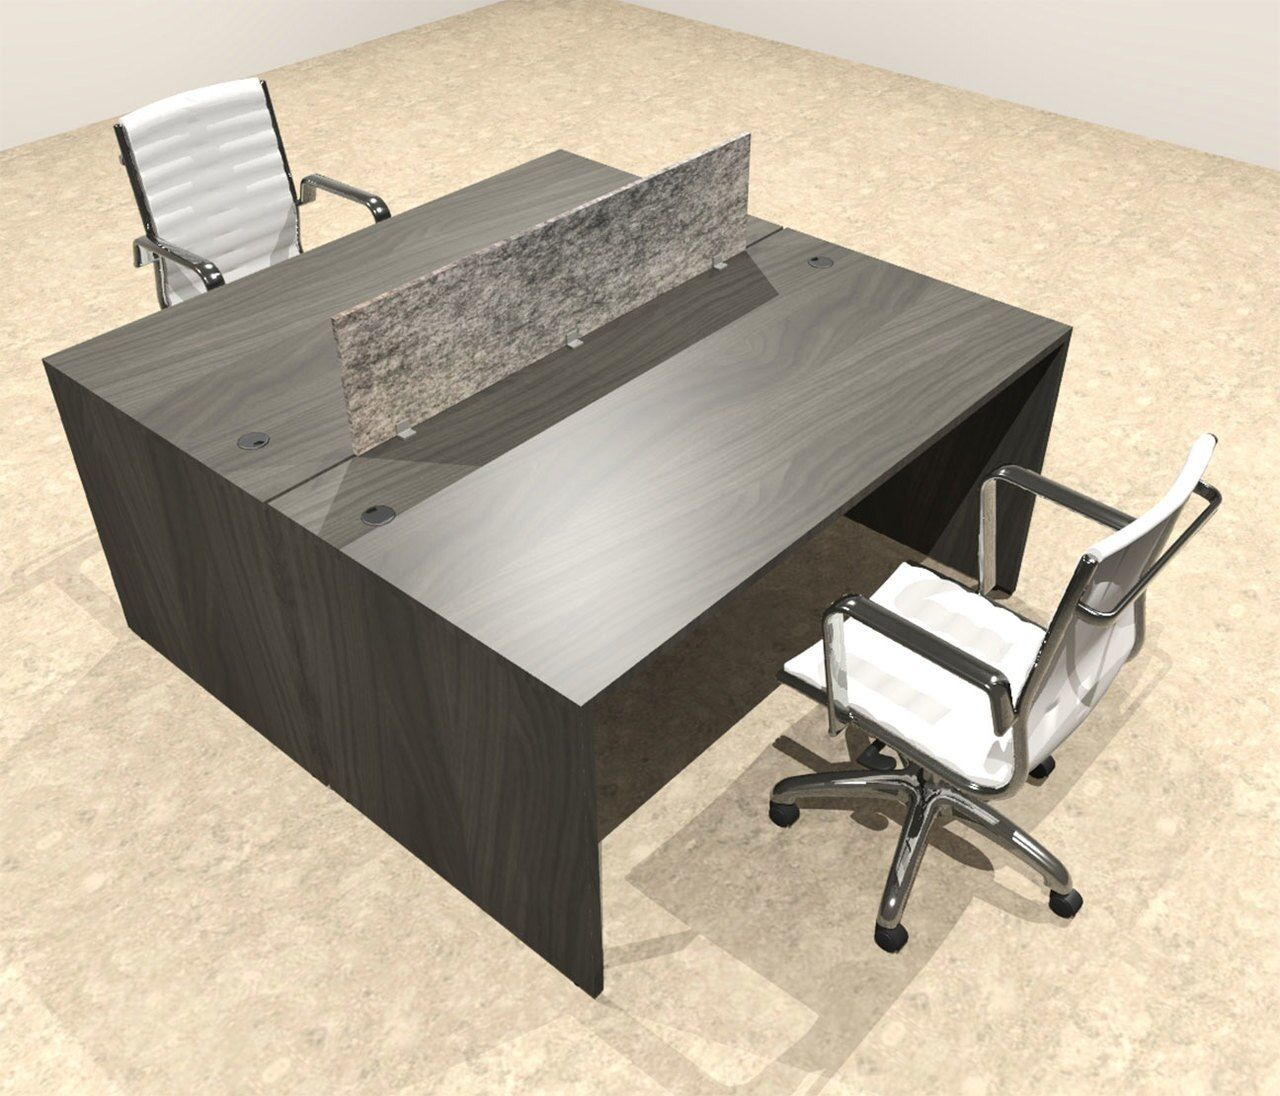 Two Person Modern Accoustic Divider Office Workstation Desk Set Ot Sul Fprg49 In 2020 Desk Set Work Station Desk Workstation